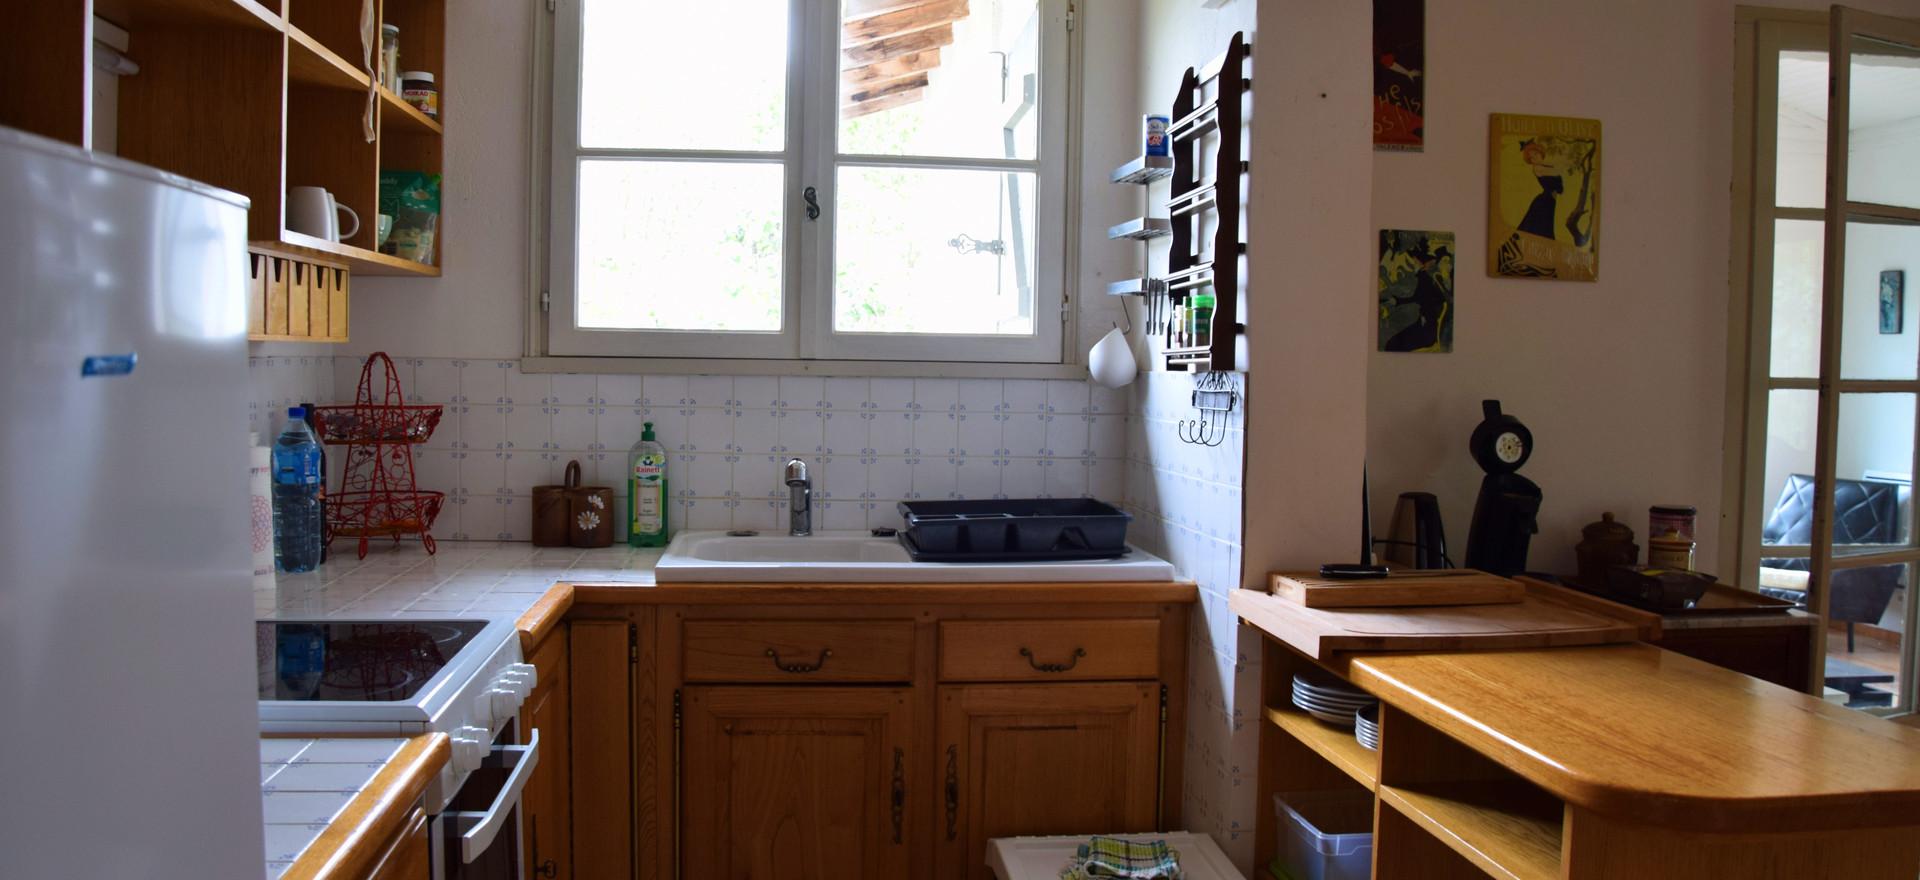 Keuken van het herbronningshuis. Het is een open keuken.